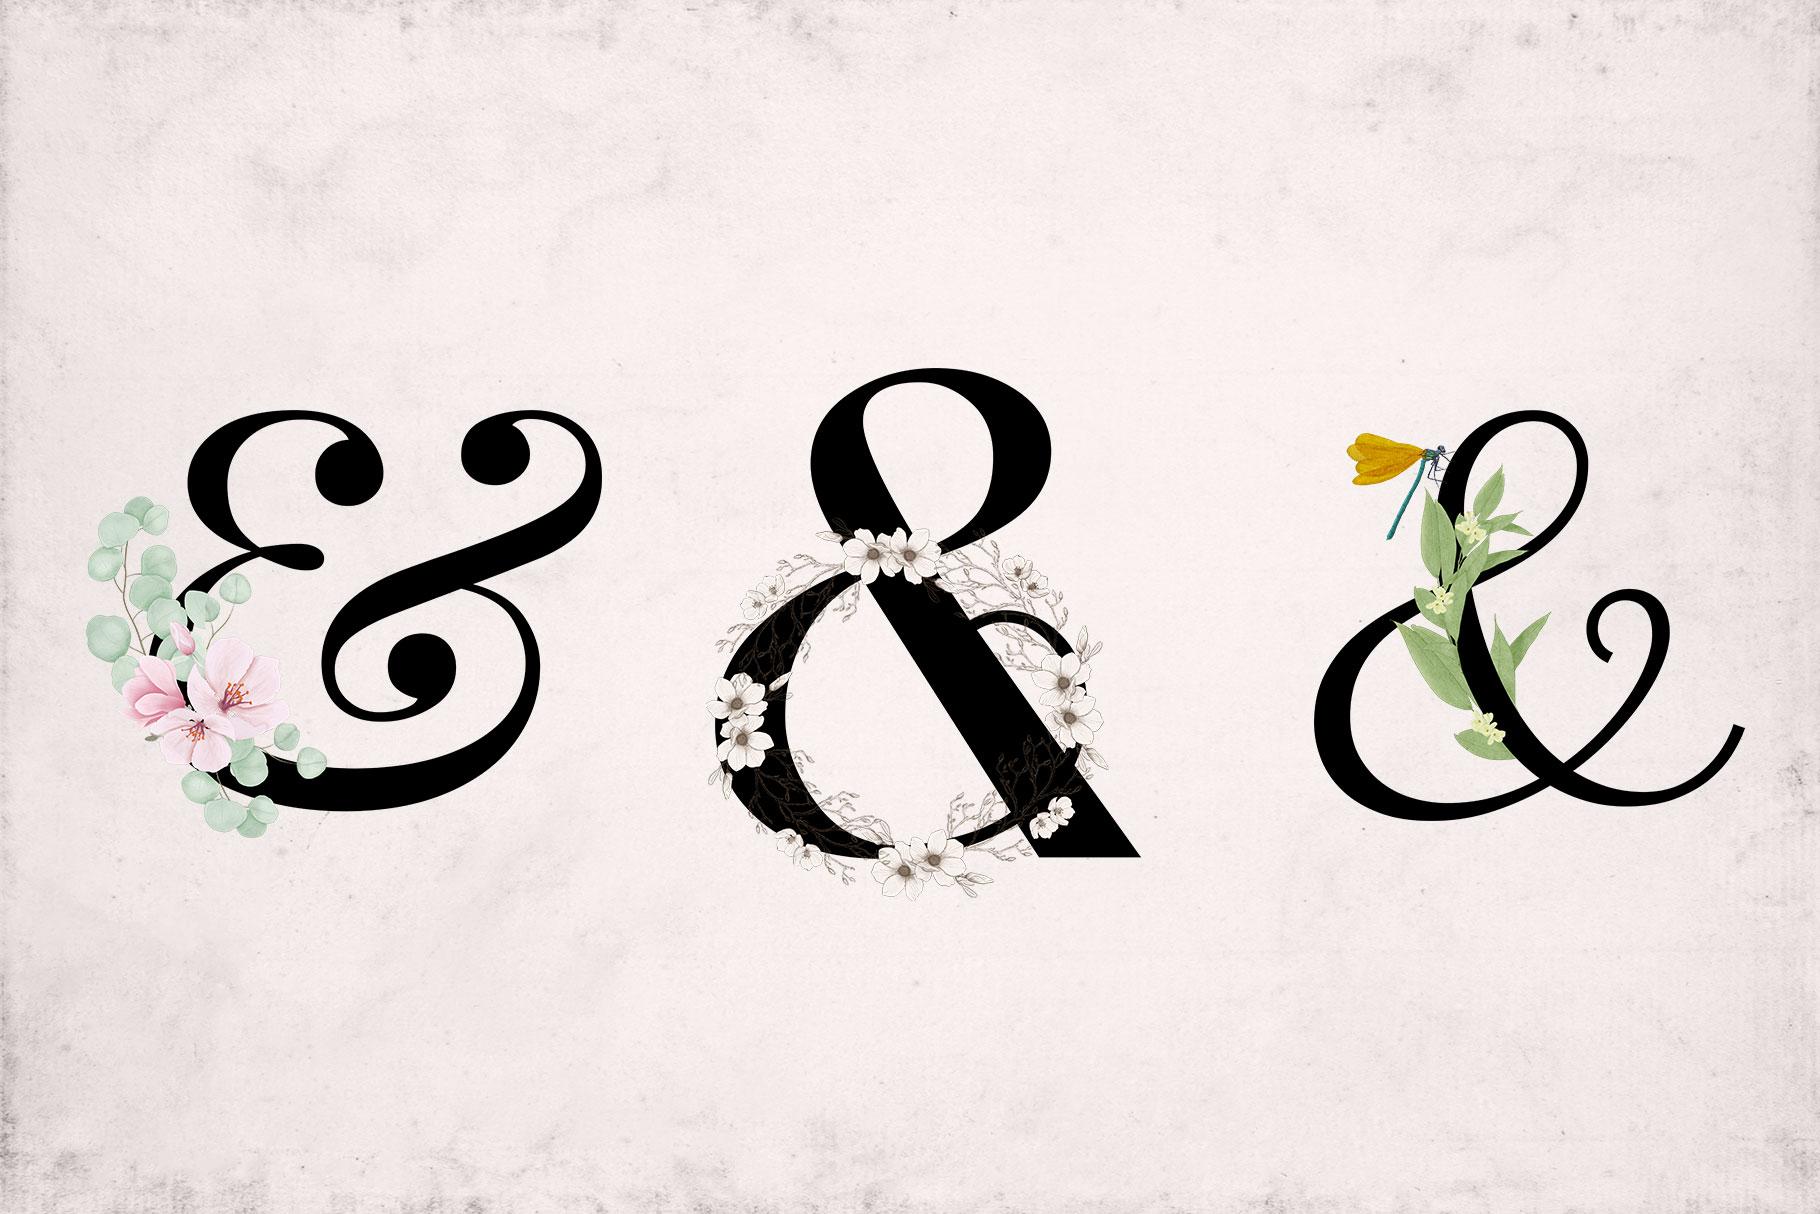 Ornate Ampersands